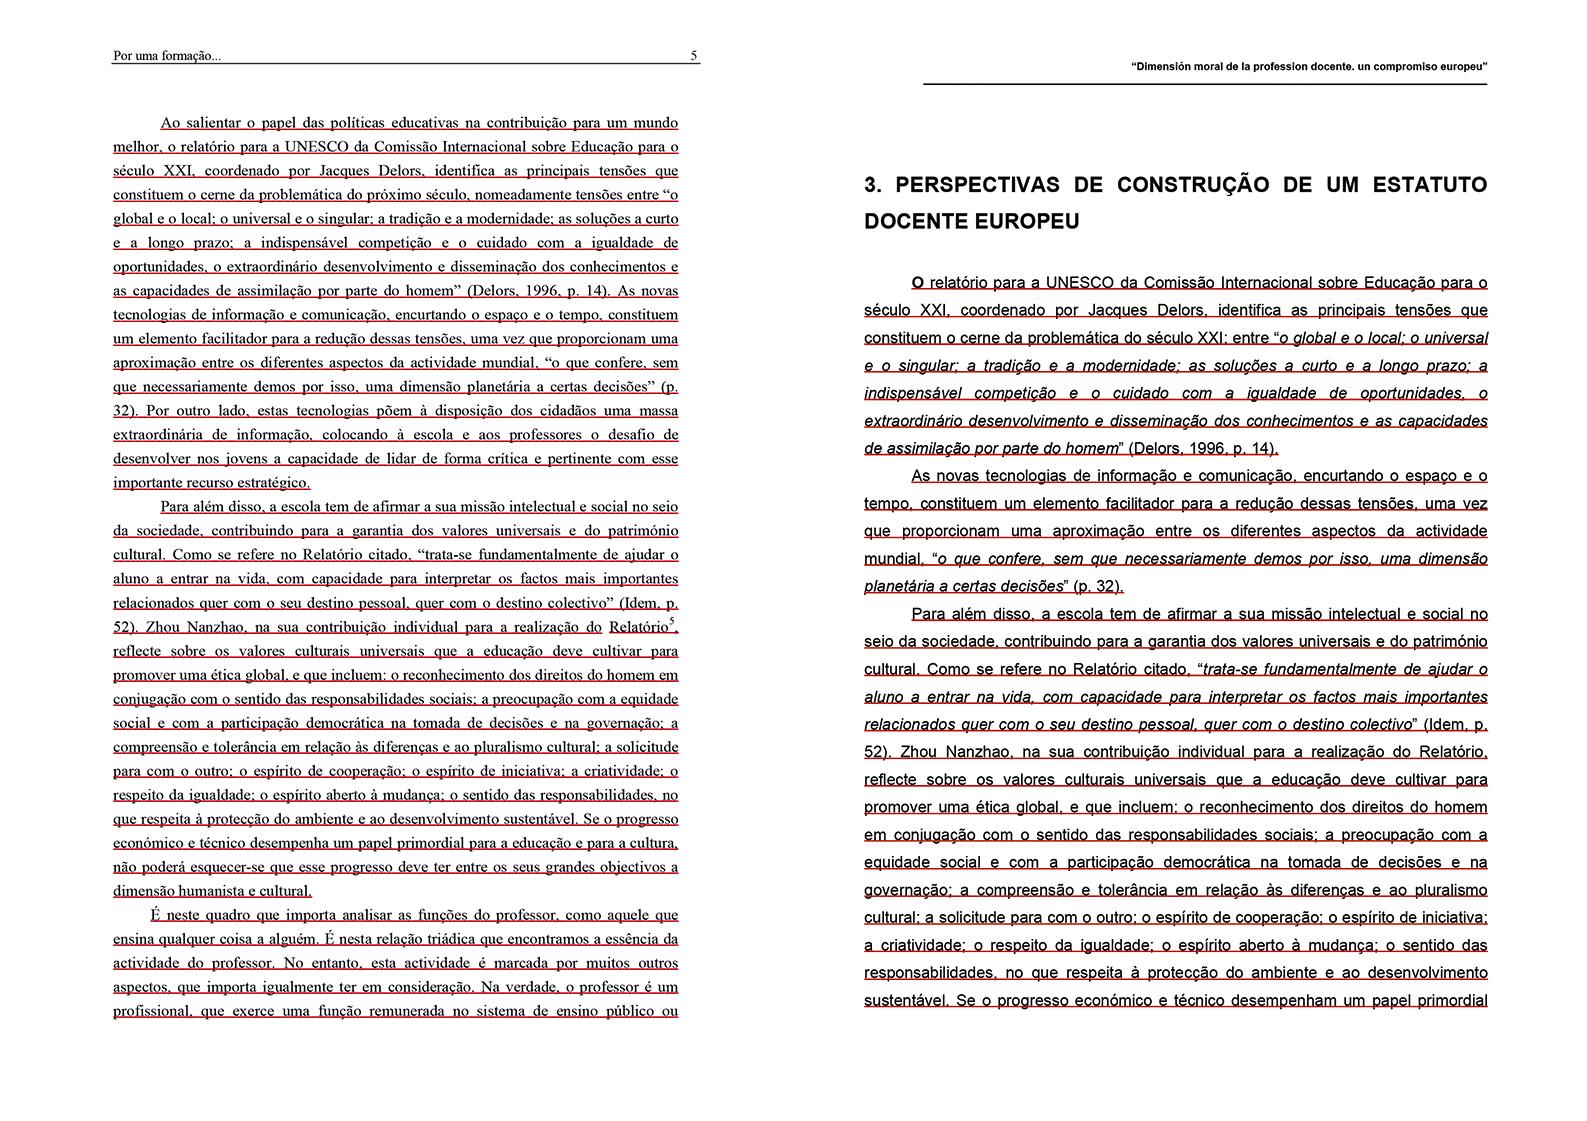 À esquerda, página do documento do grupo de trabalho do CRUP assinado, entre outros, por João Pedro da Ponte; à direita, os mesmos parágrafos replicados por Grancho no seu texto